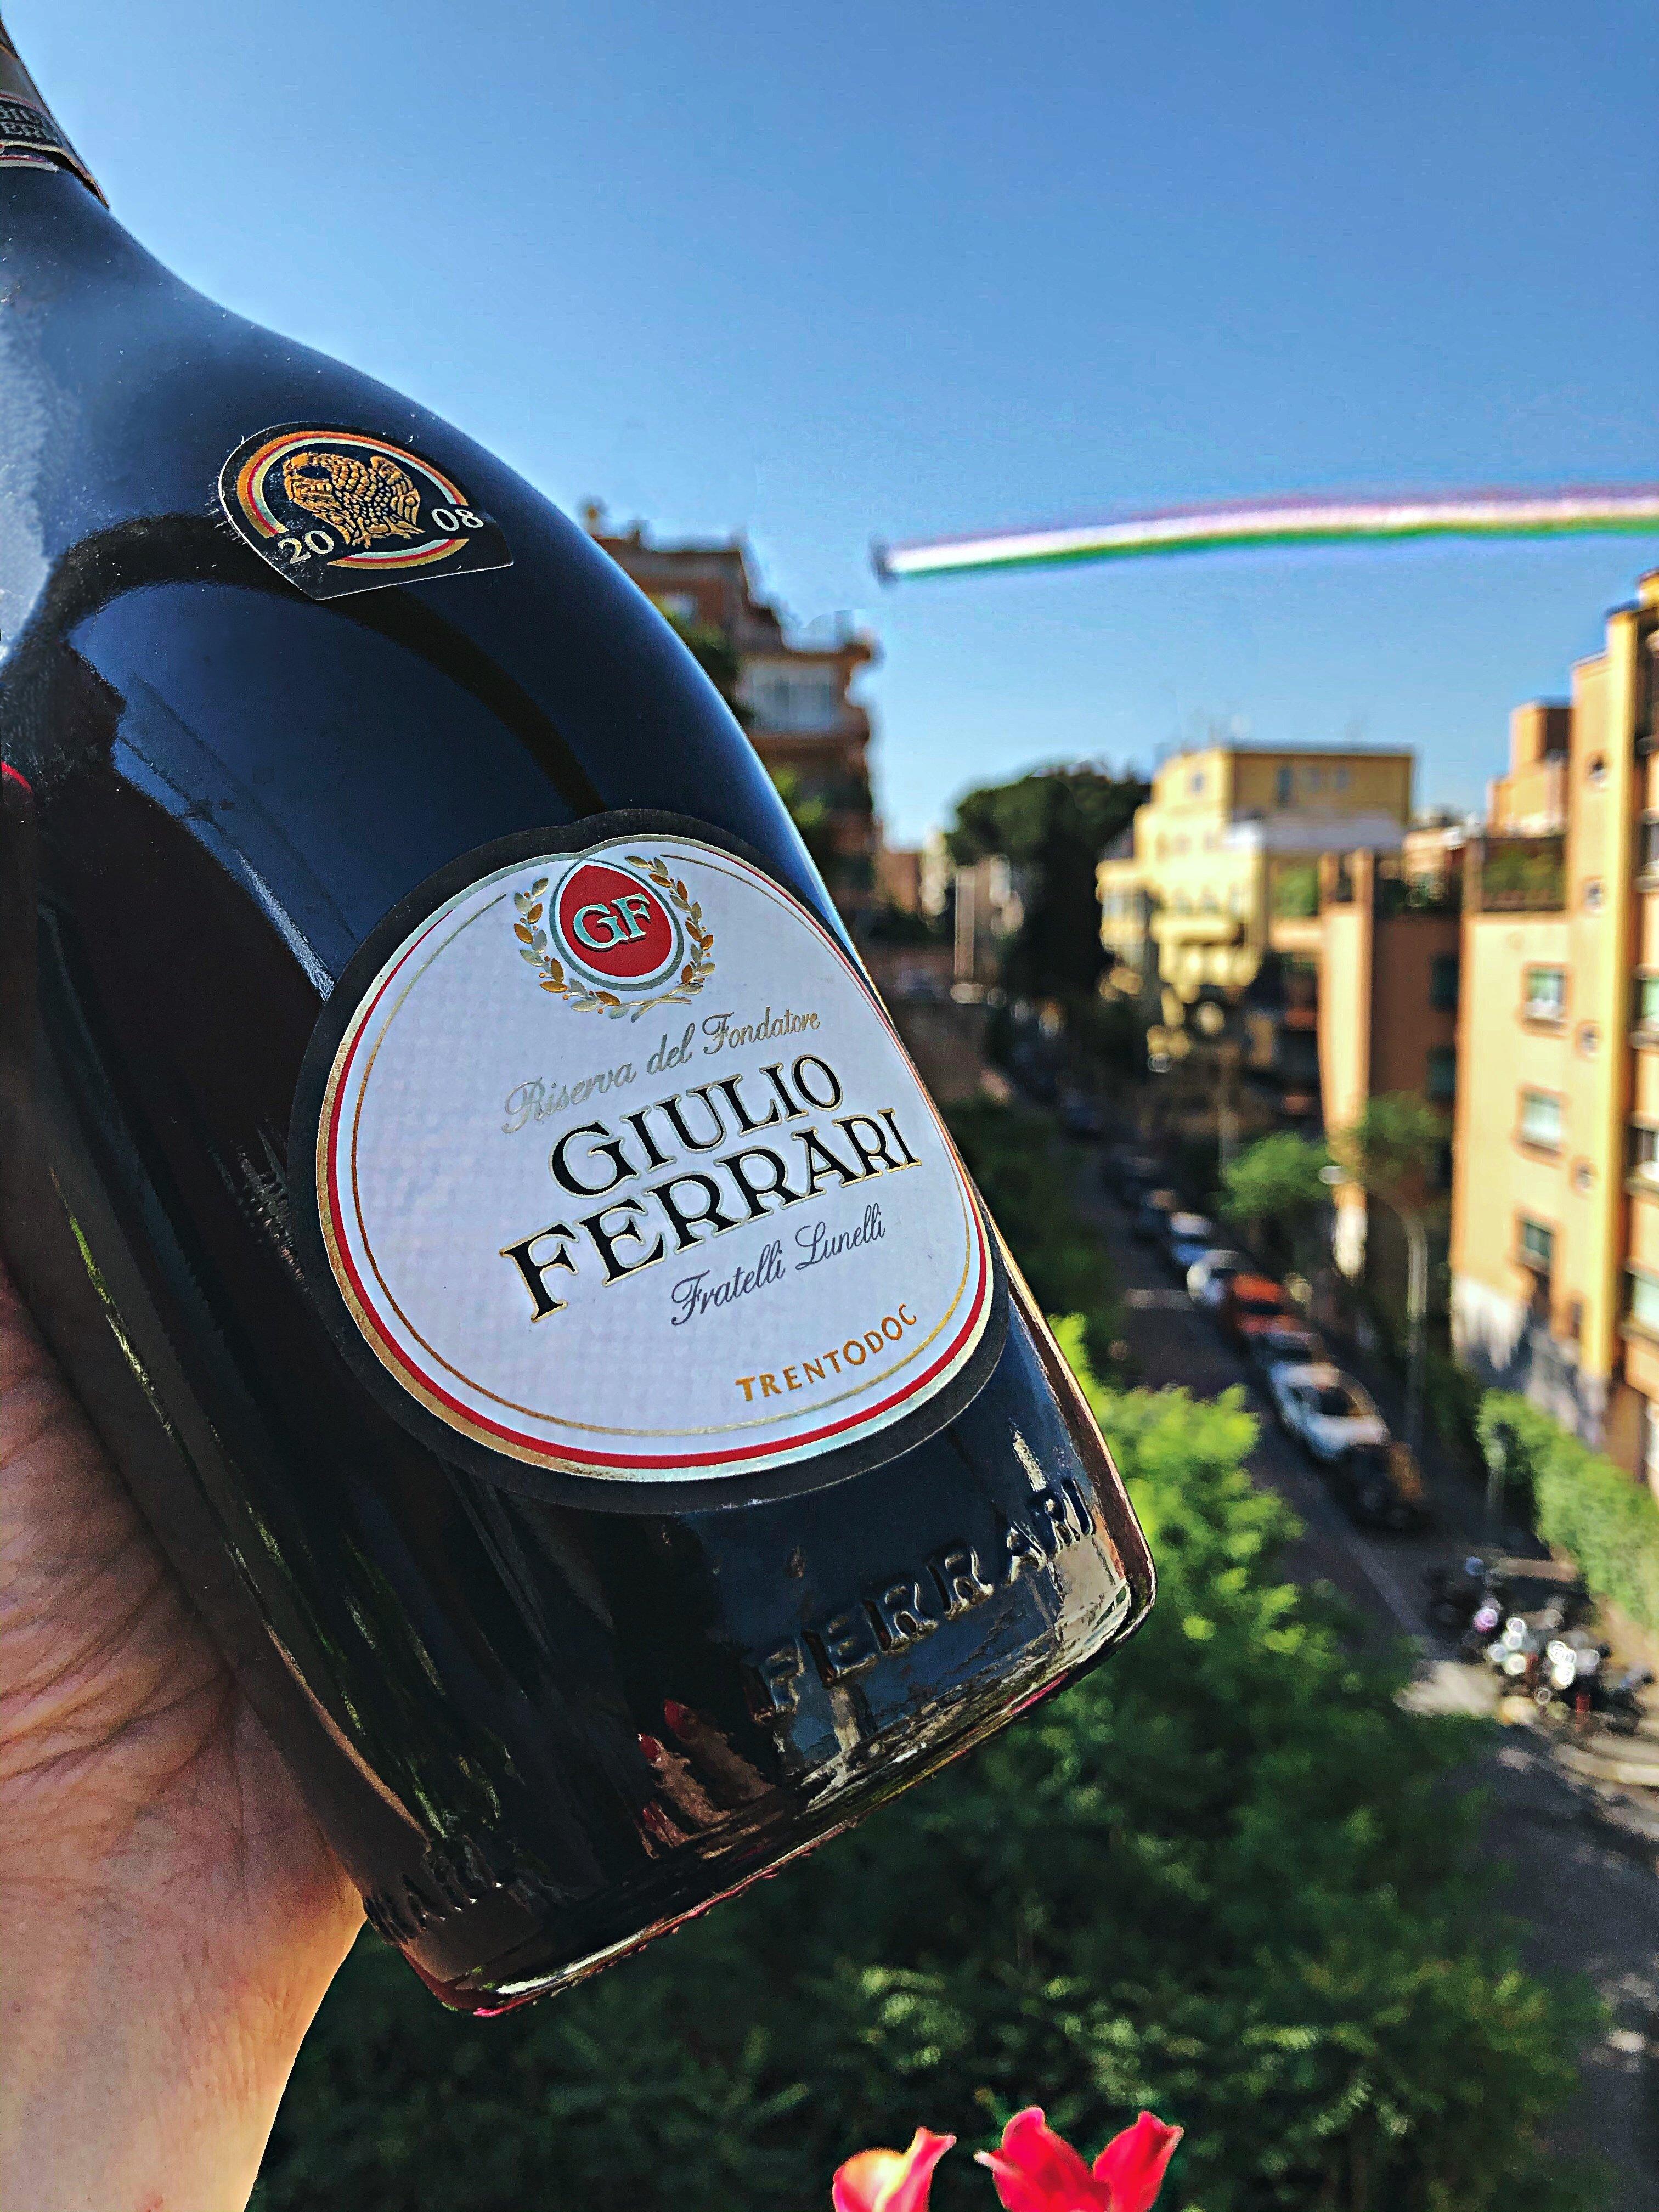 Giulio Ferrari l'Orgoglio Italiano